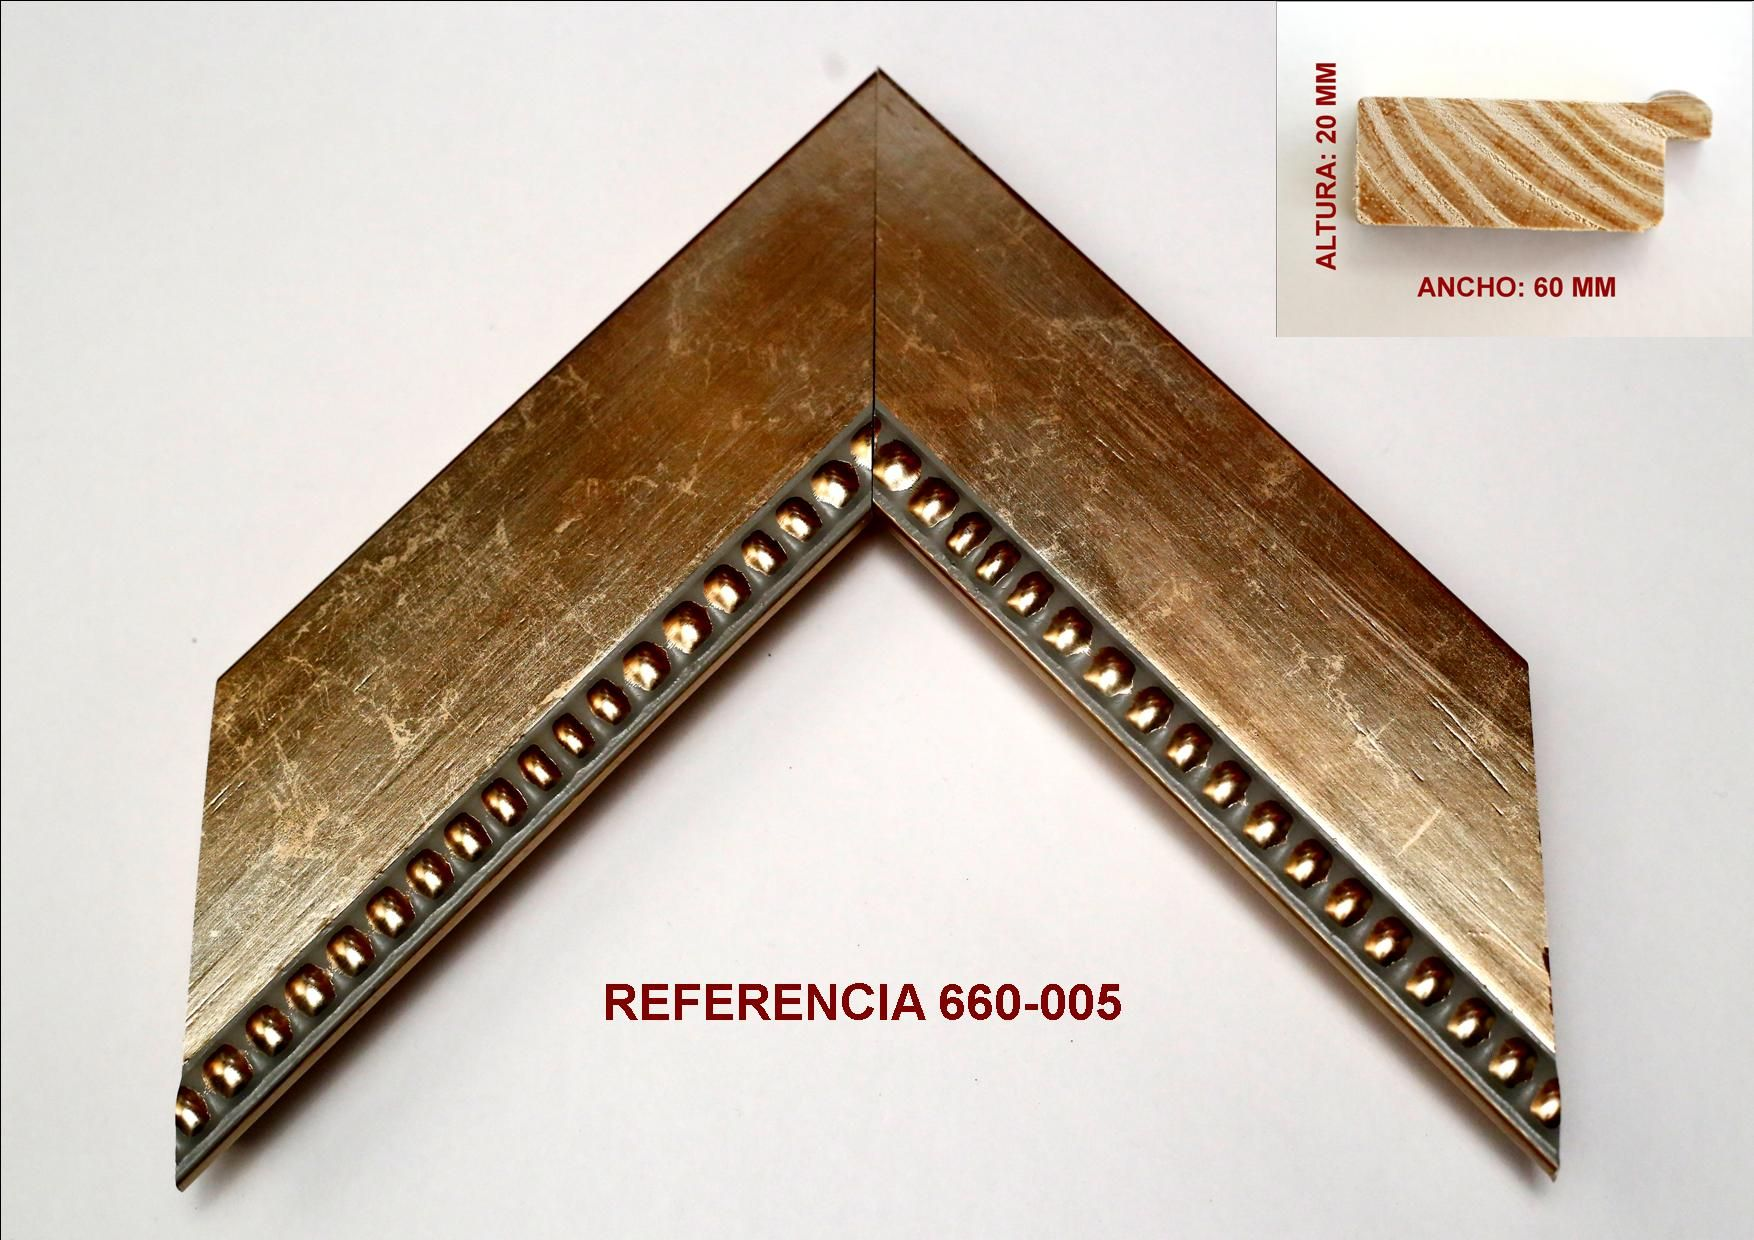 REF 660-005: Muestrario de Moldusevilla